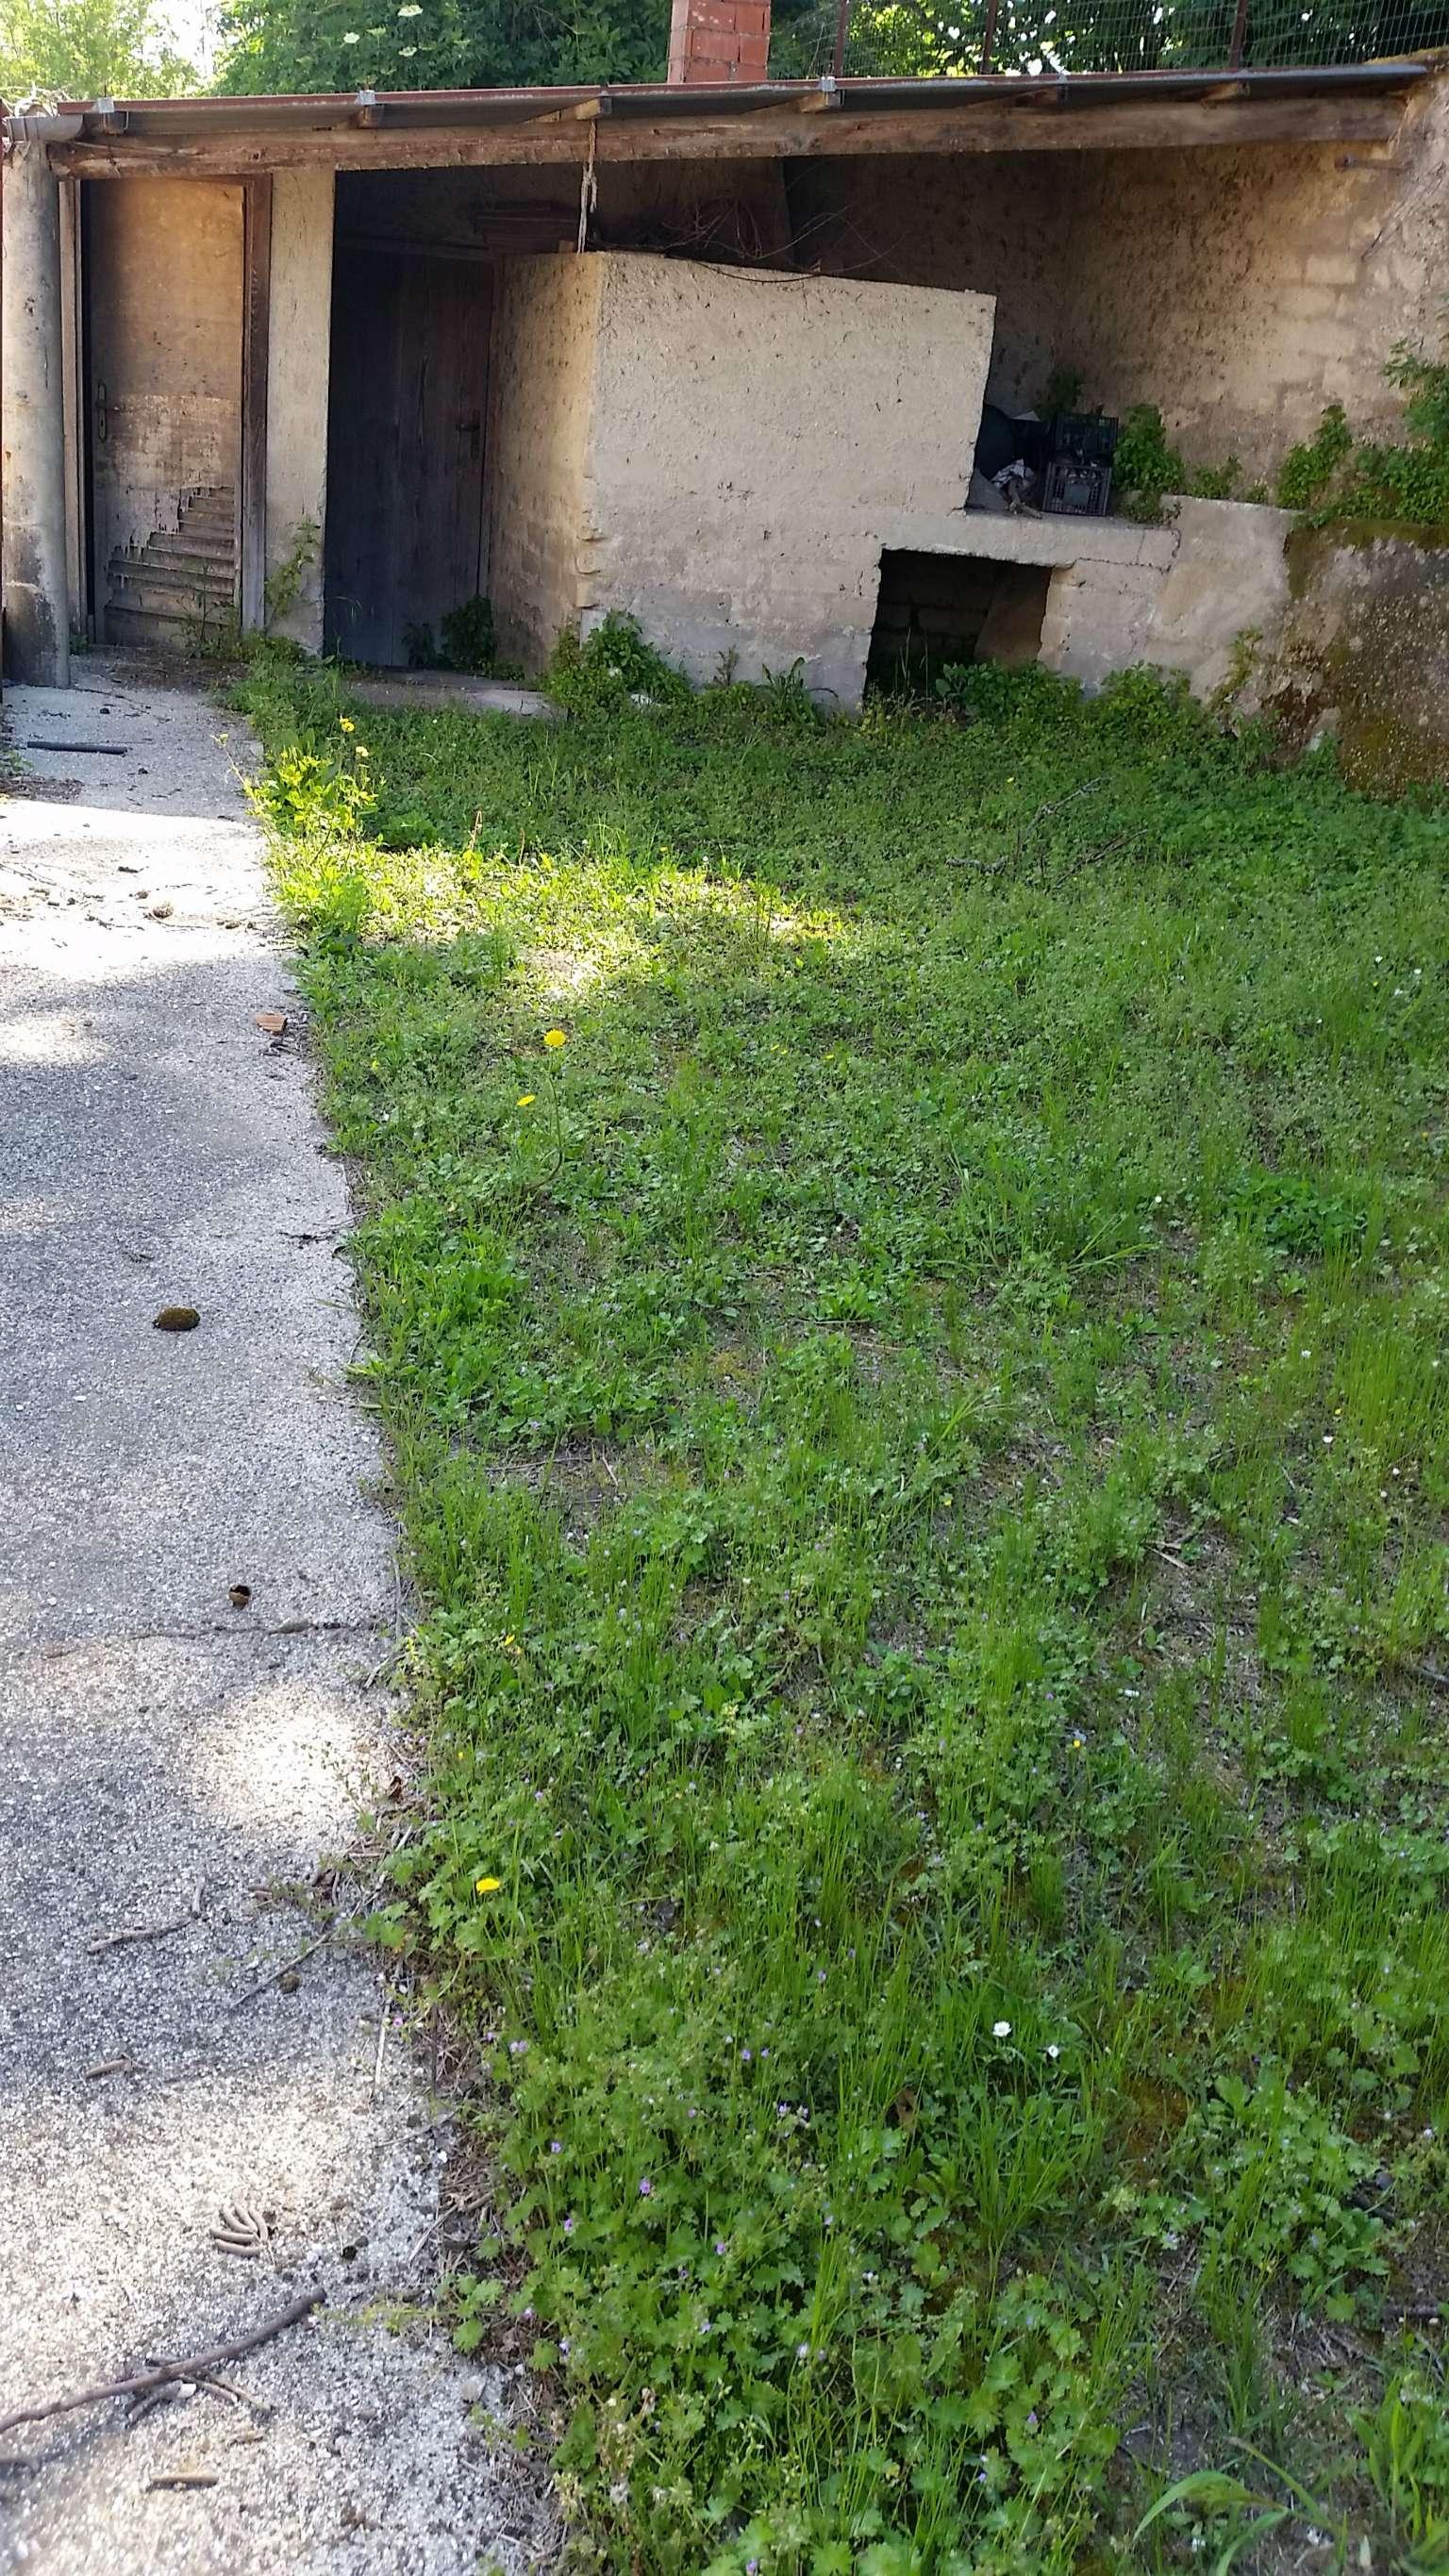 Villa in vendita a Durazzano, 9999 locali, prezzo € 210.000 | CambioCasa.it